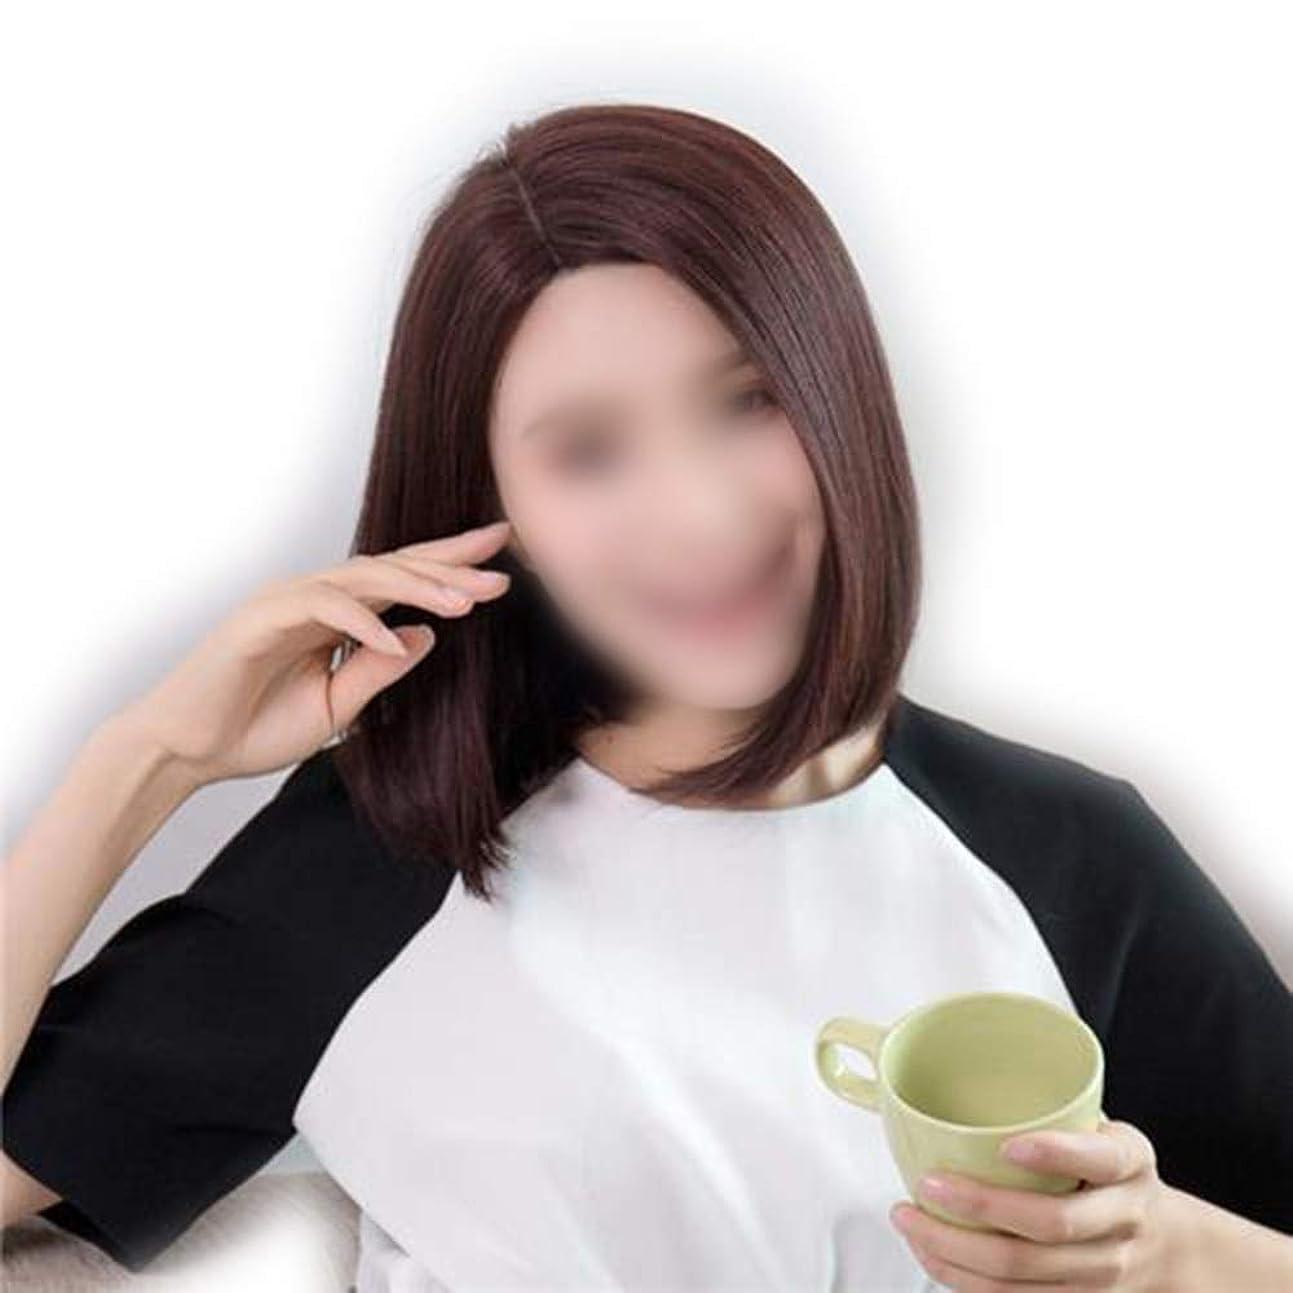 リクルート維持モトリーYrattary 女の子のボブショートヘアリアルヘアウィッグバックルミドルロングストレートヘアペアーヘッドウィッグファッションウィッグ (Color : Dark brown)